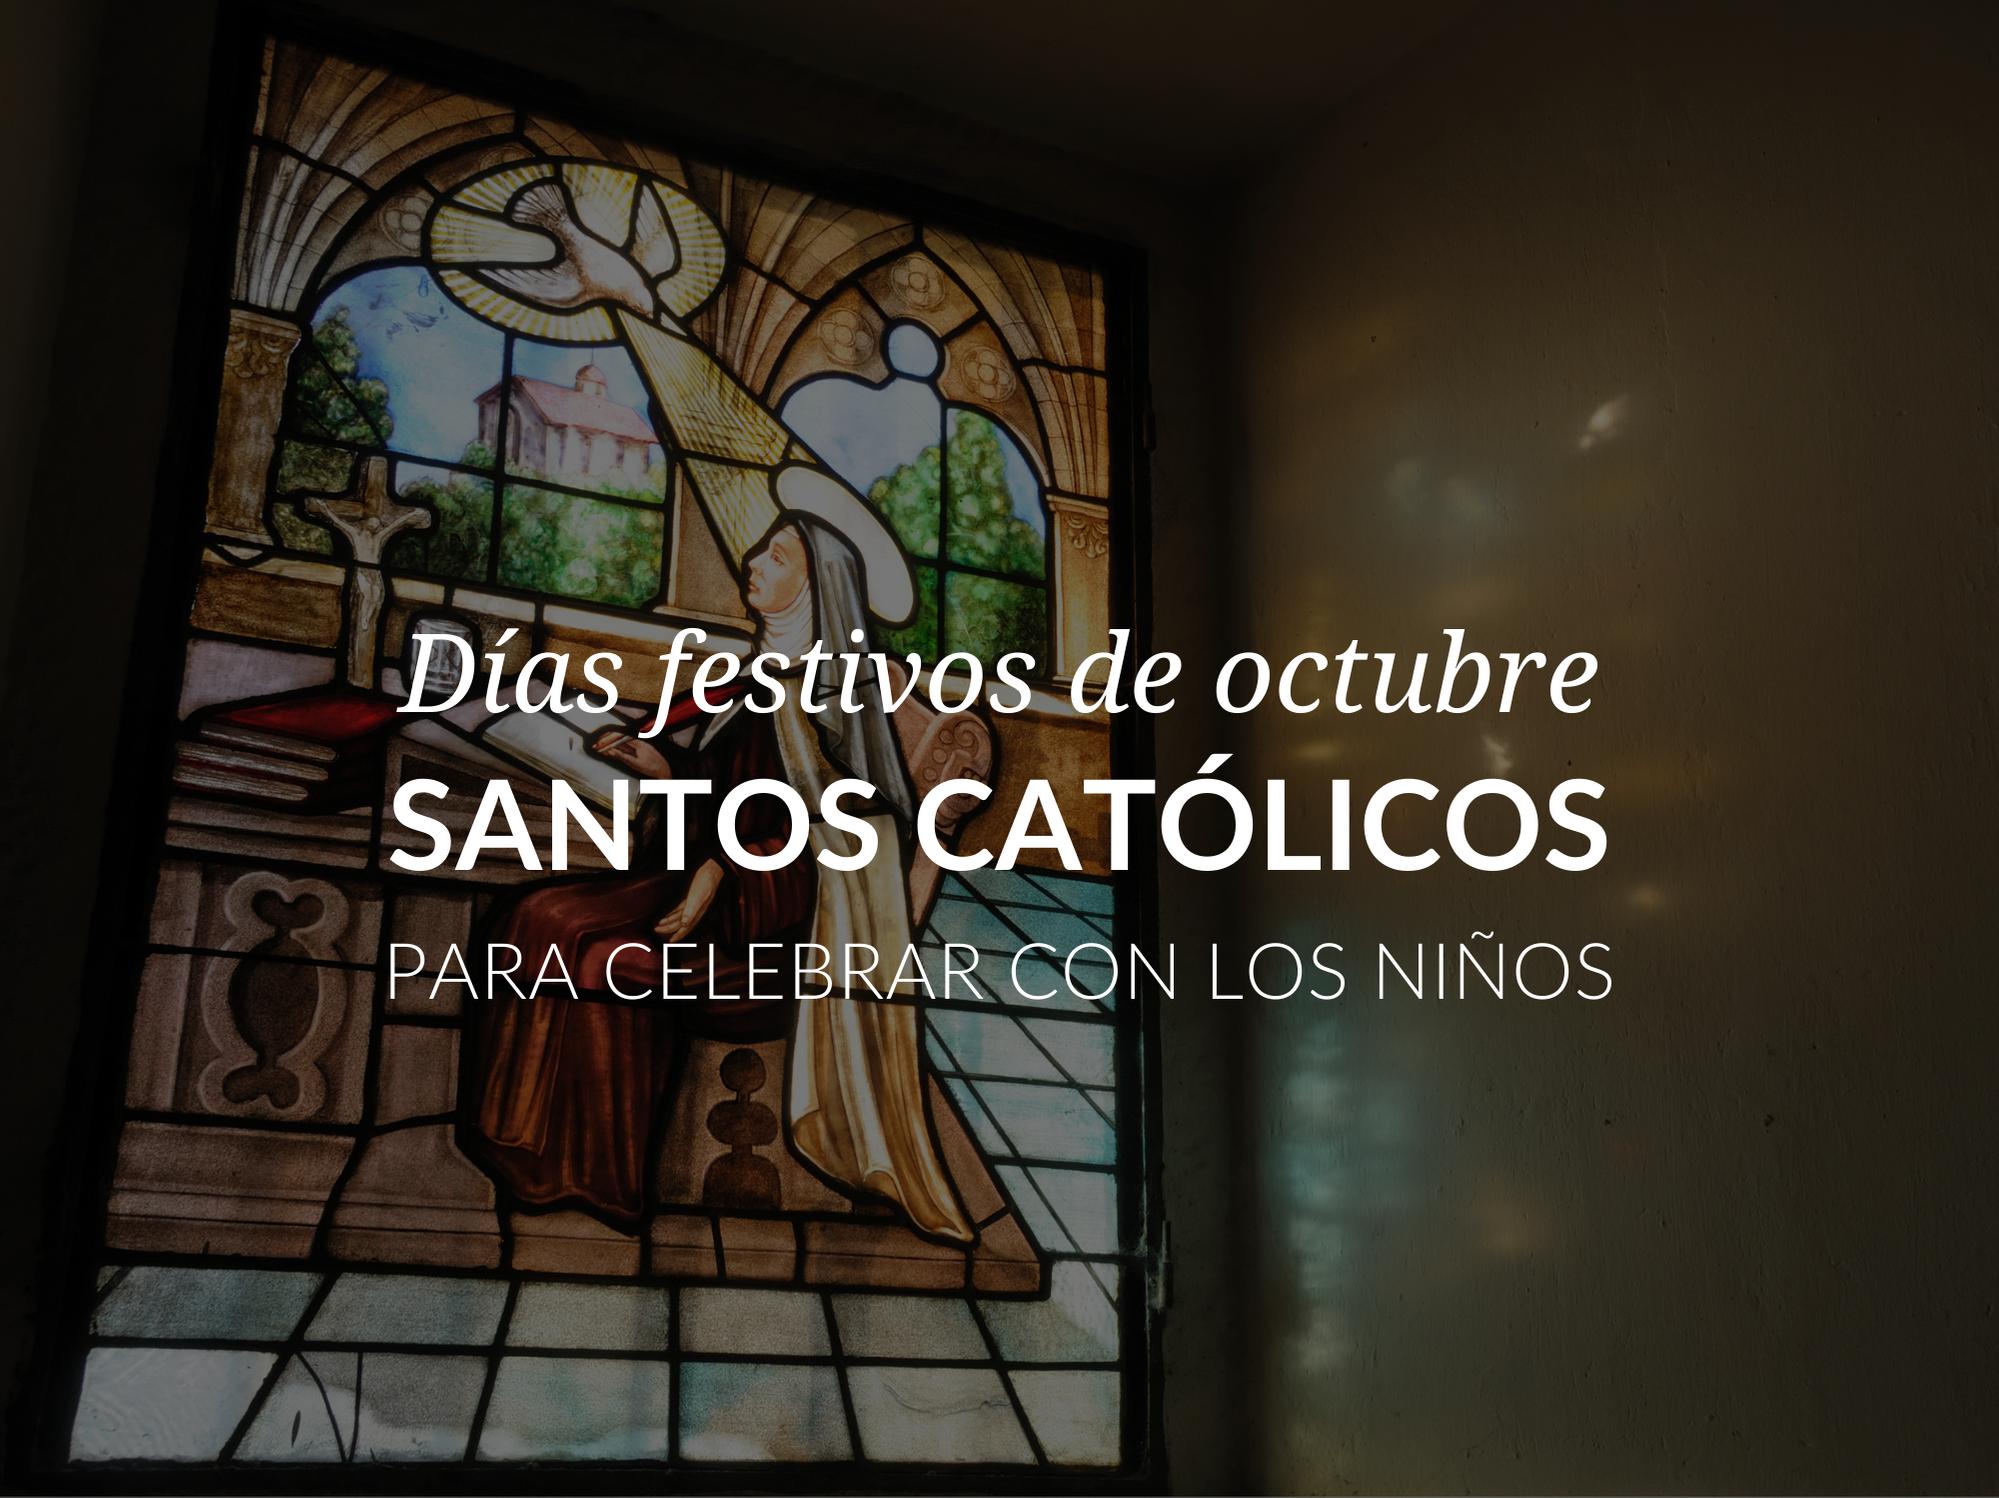 dias-festivos-de-octubre-santos-catolicos